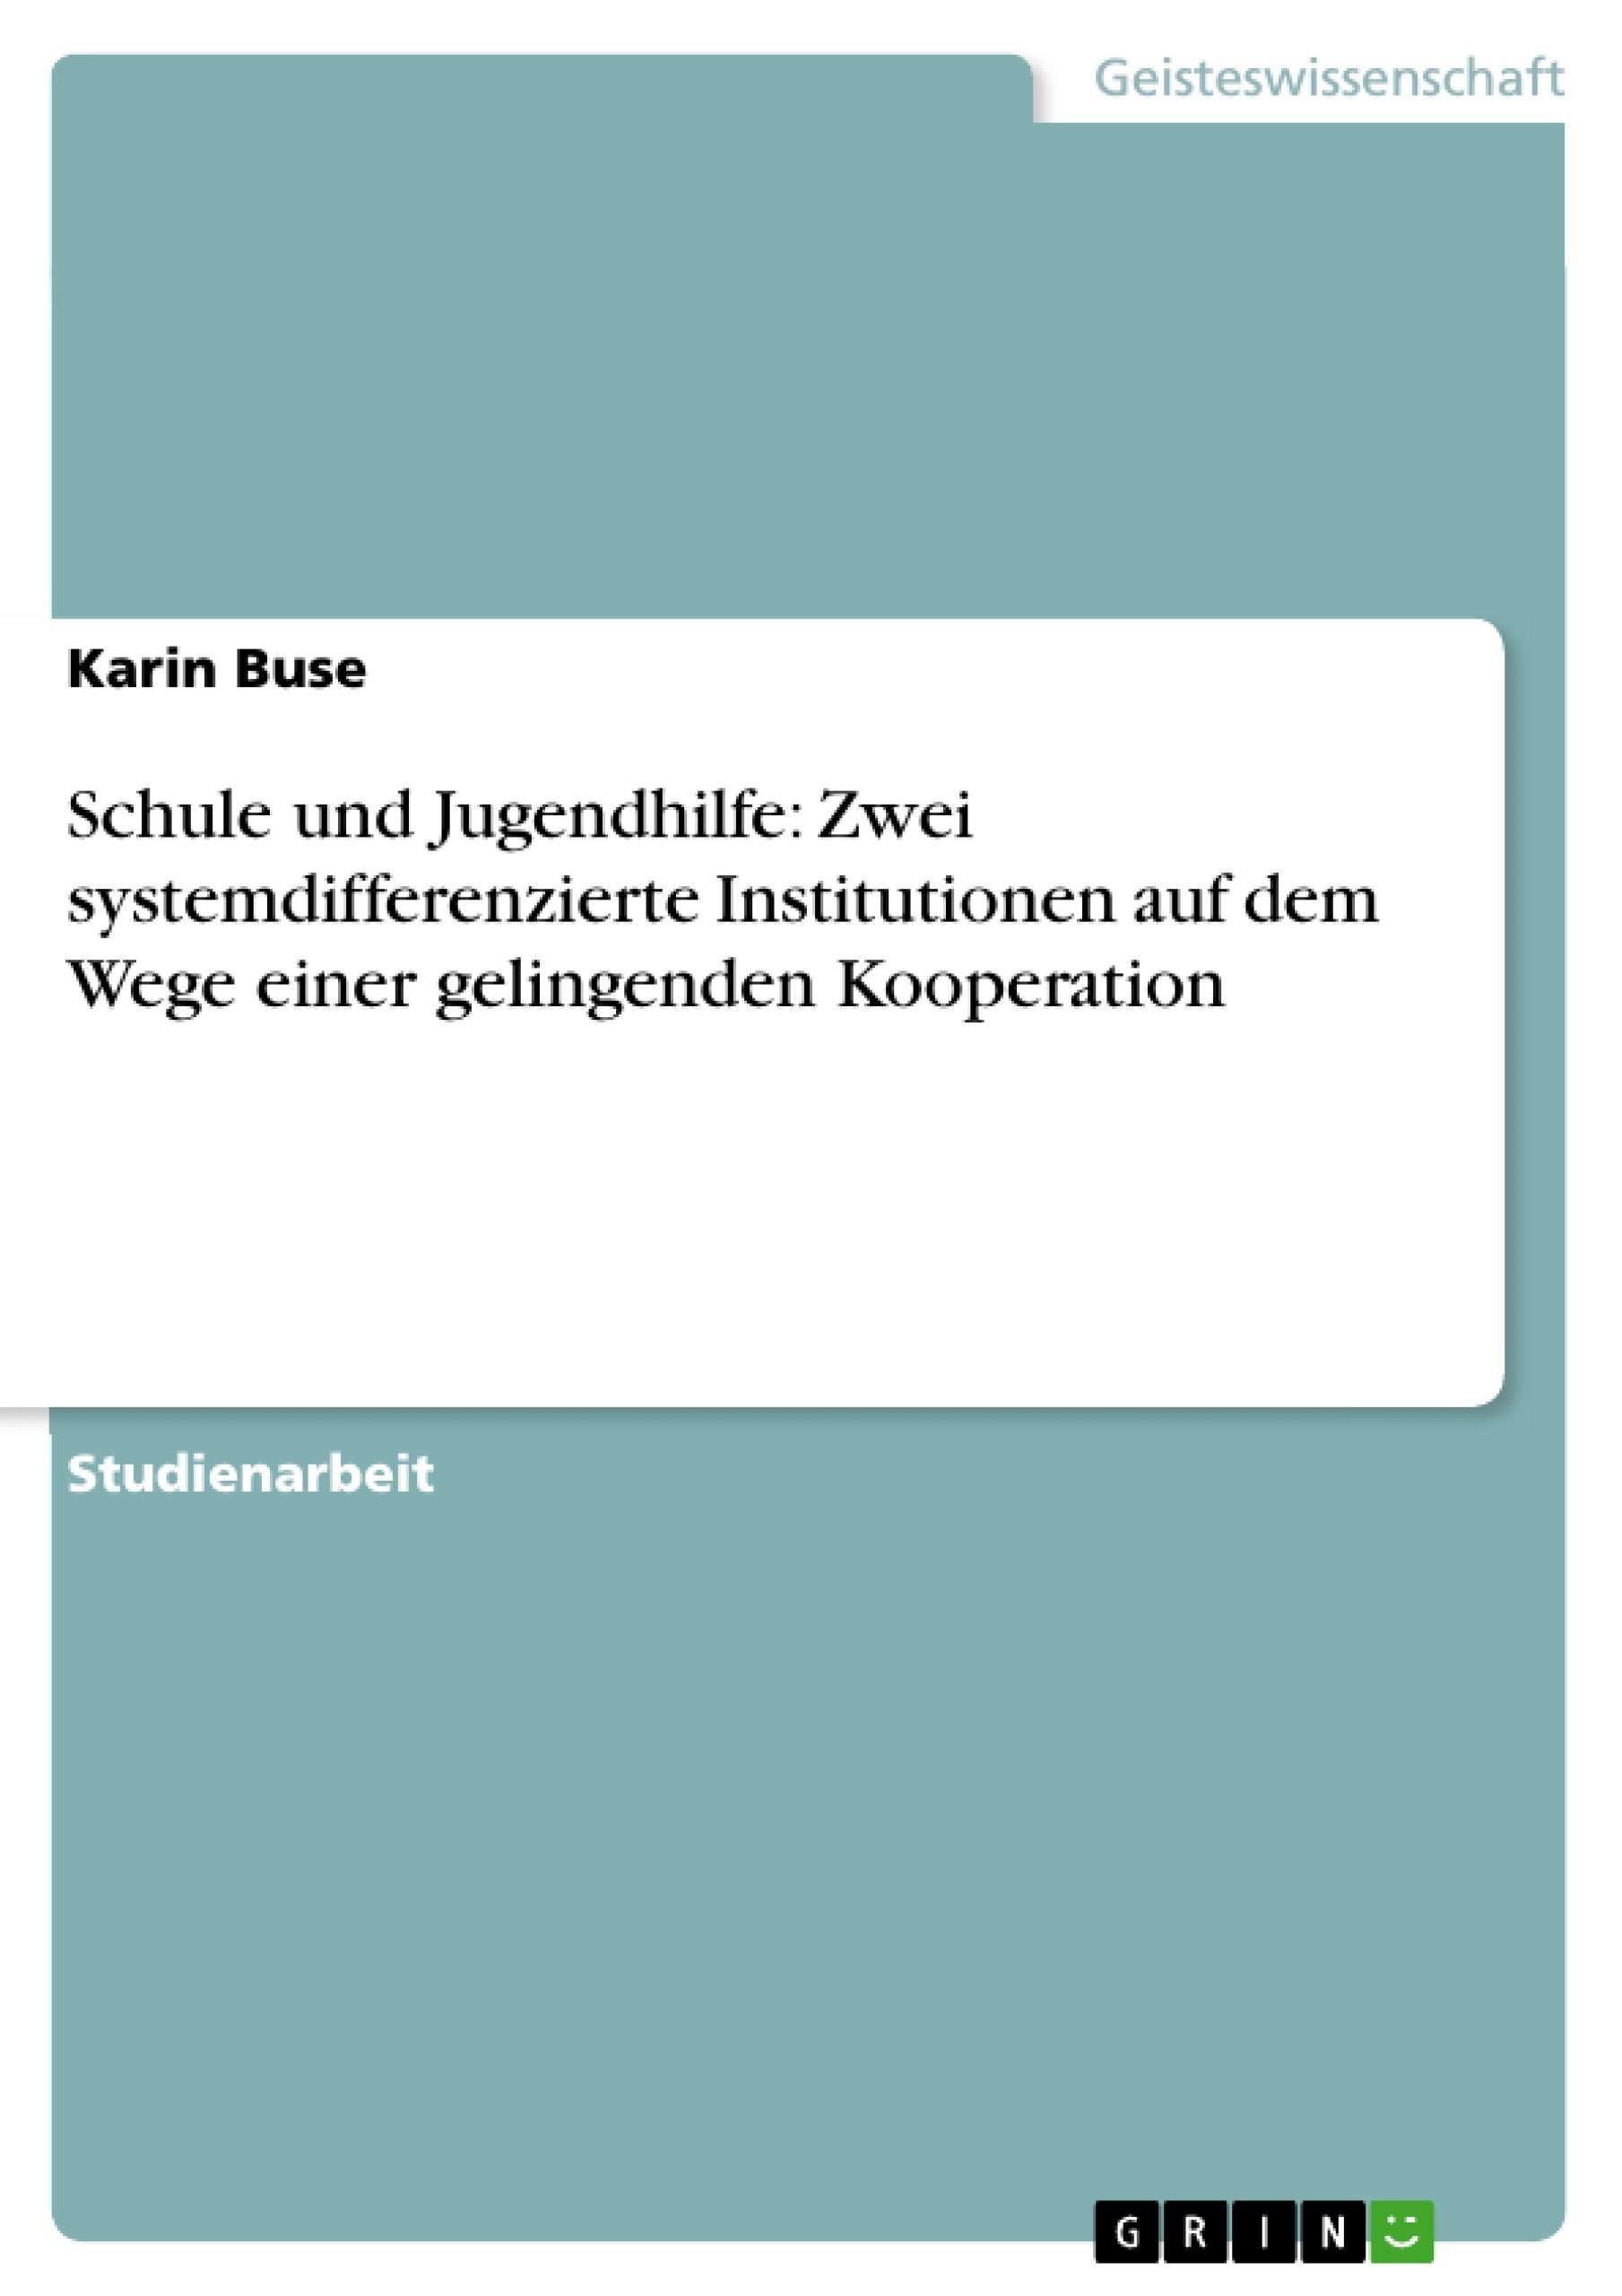 Titel: Schule und Jugendhilfe: Zwei systemdifferenzierte Institutionen auf dem Wege einer gelingenden Kooperation